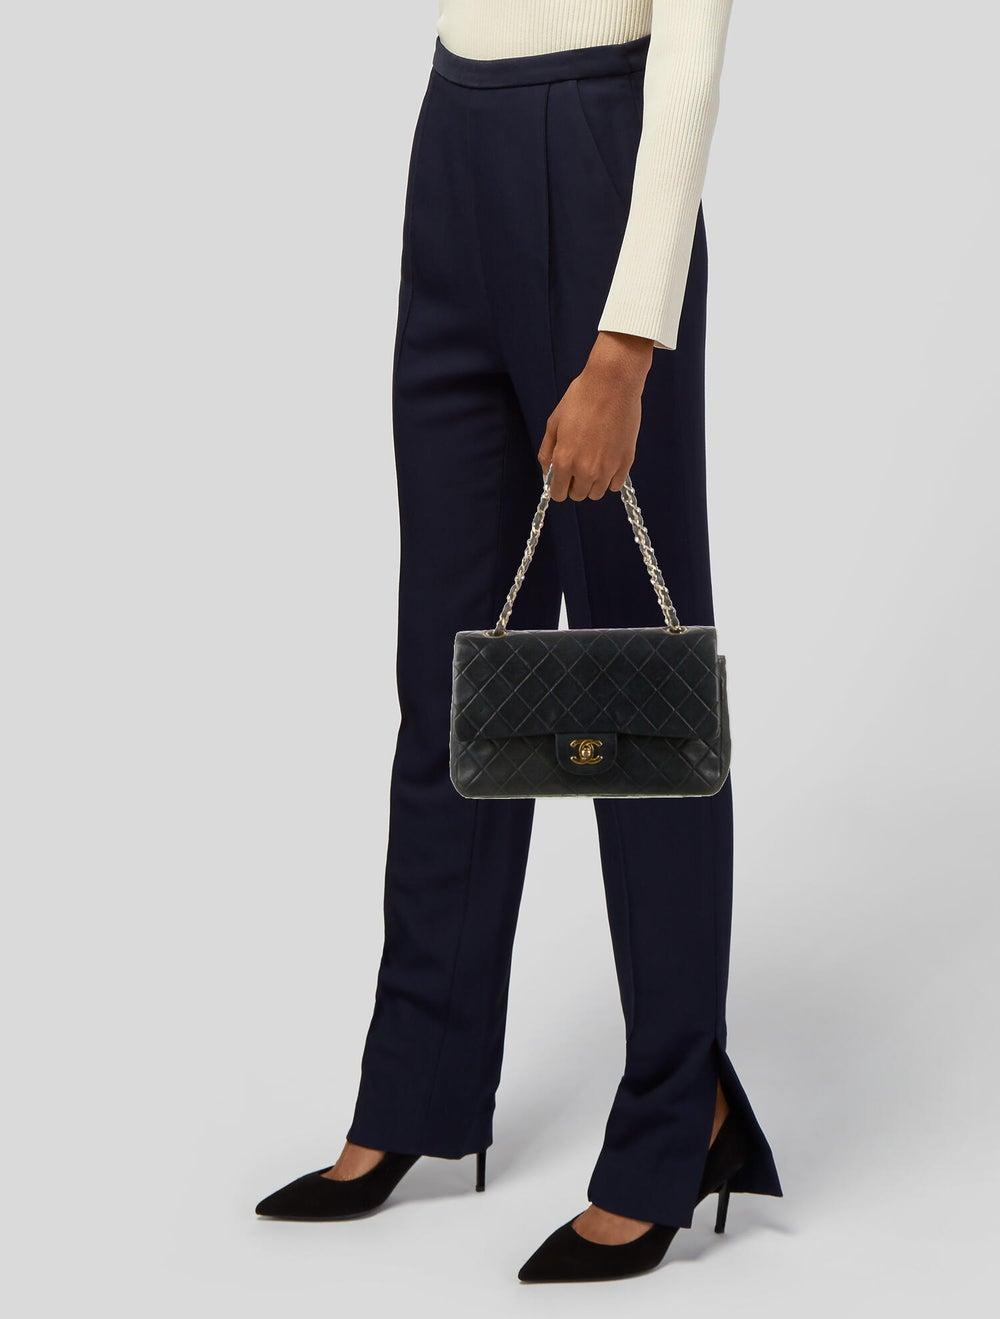 Chanel Vintage Medium Double Flap Bag Blue - image 2